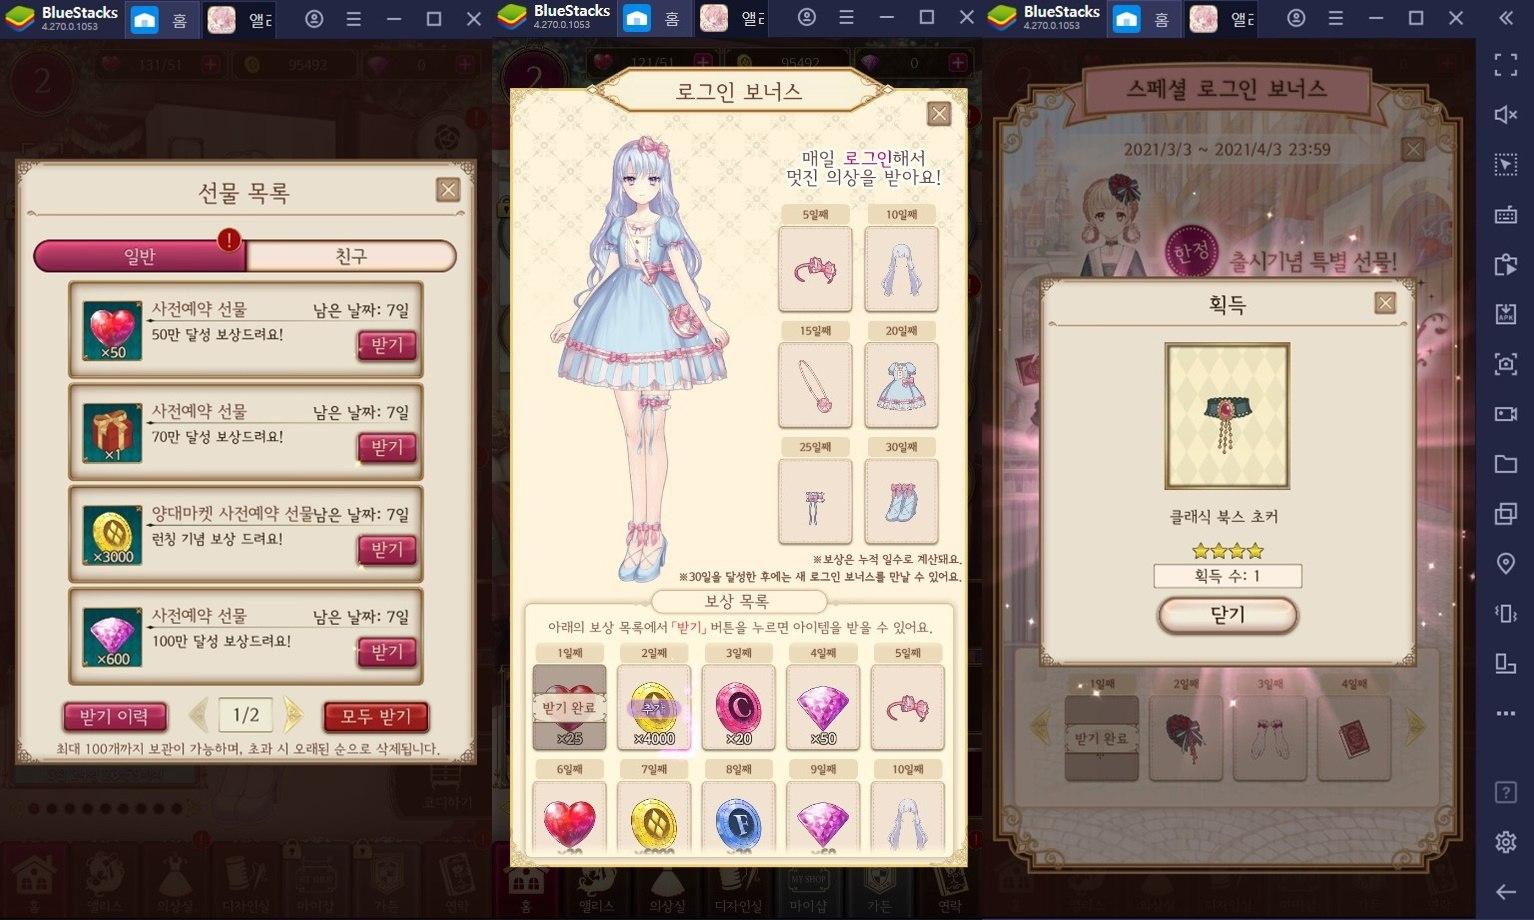 앨리스클로젯 정식 서비스 시작, PC에서 앨리스들에게 다양한 옷을 입혀주세요!